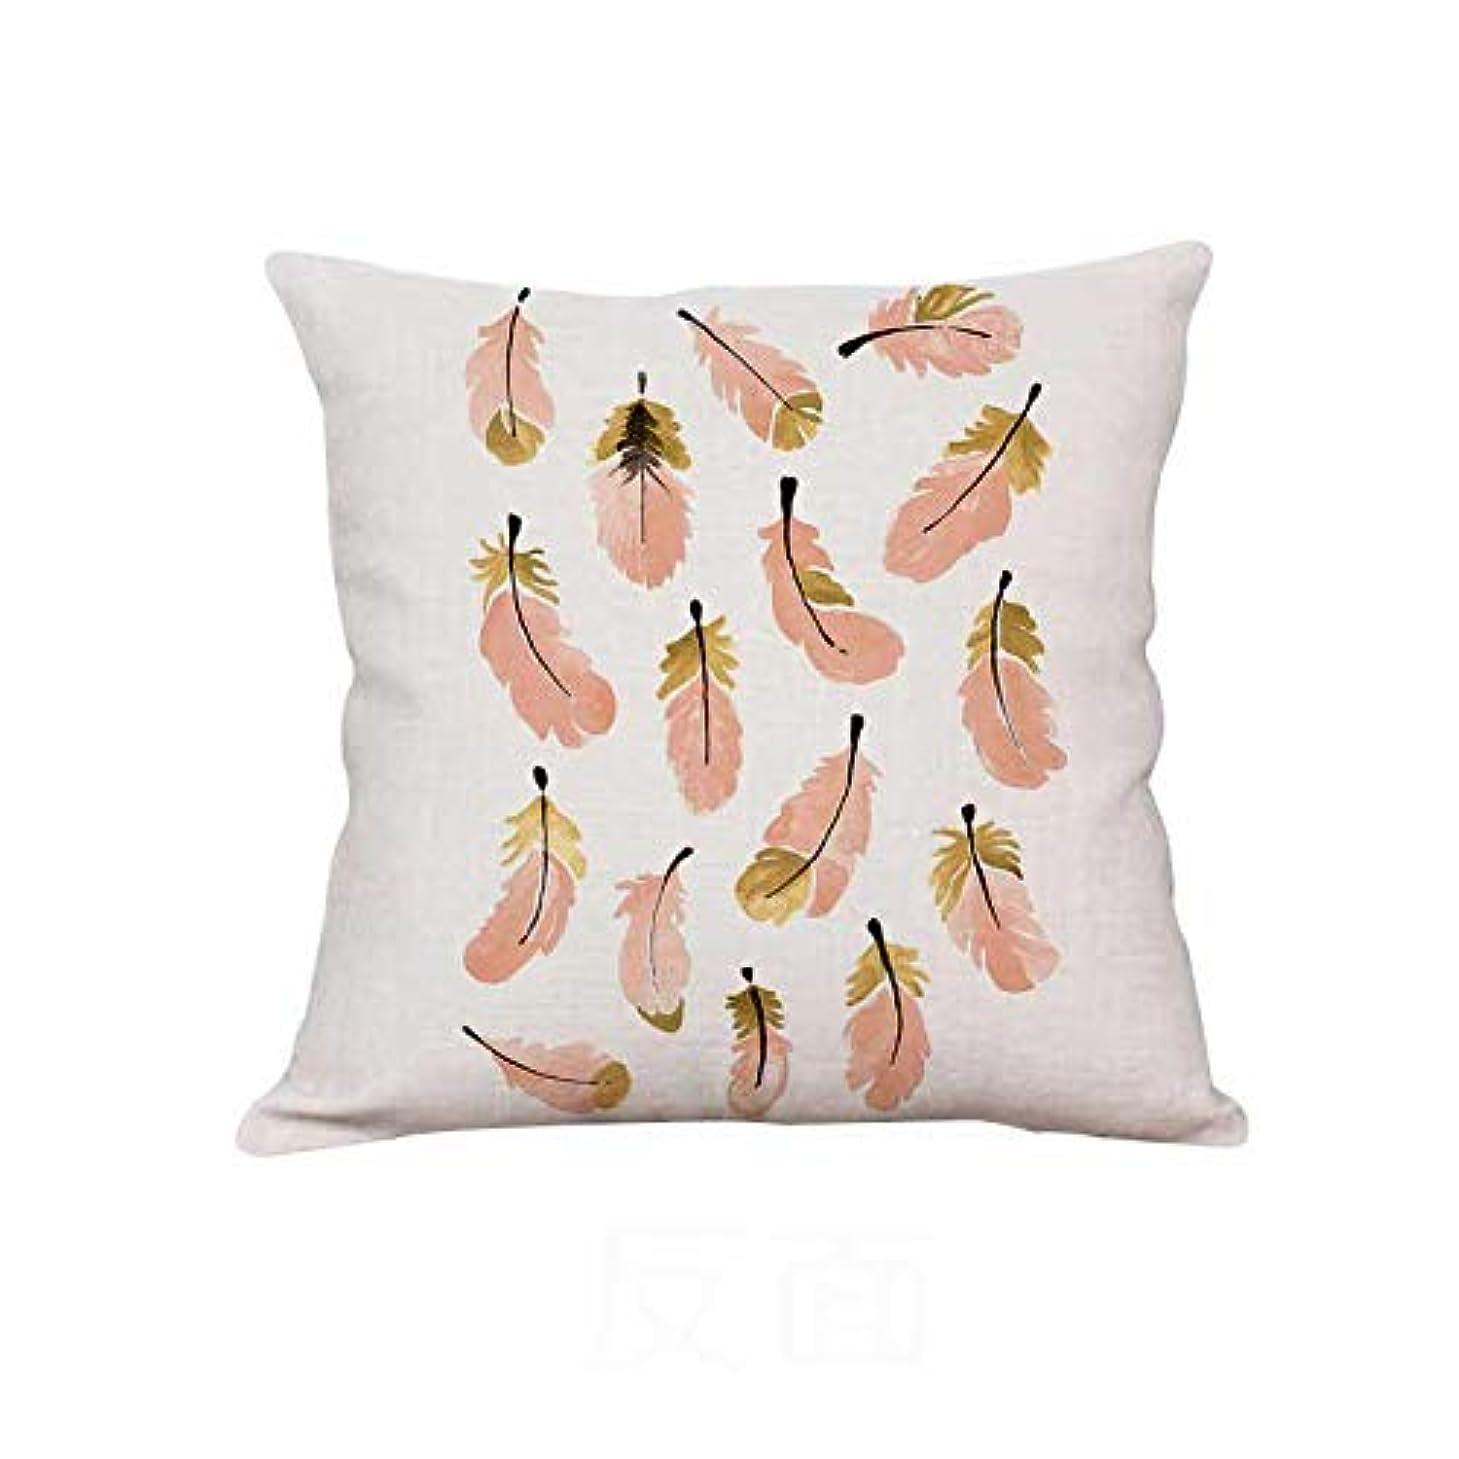 アクロバットカビ改善するLIFE 新しいぬいぐるみピンクフラミンゴクッションガチョウの羽風船幾何北欧家の装飾ソファスロー枕用女の子ルーム装飾 クッション 椅子